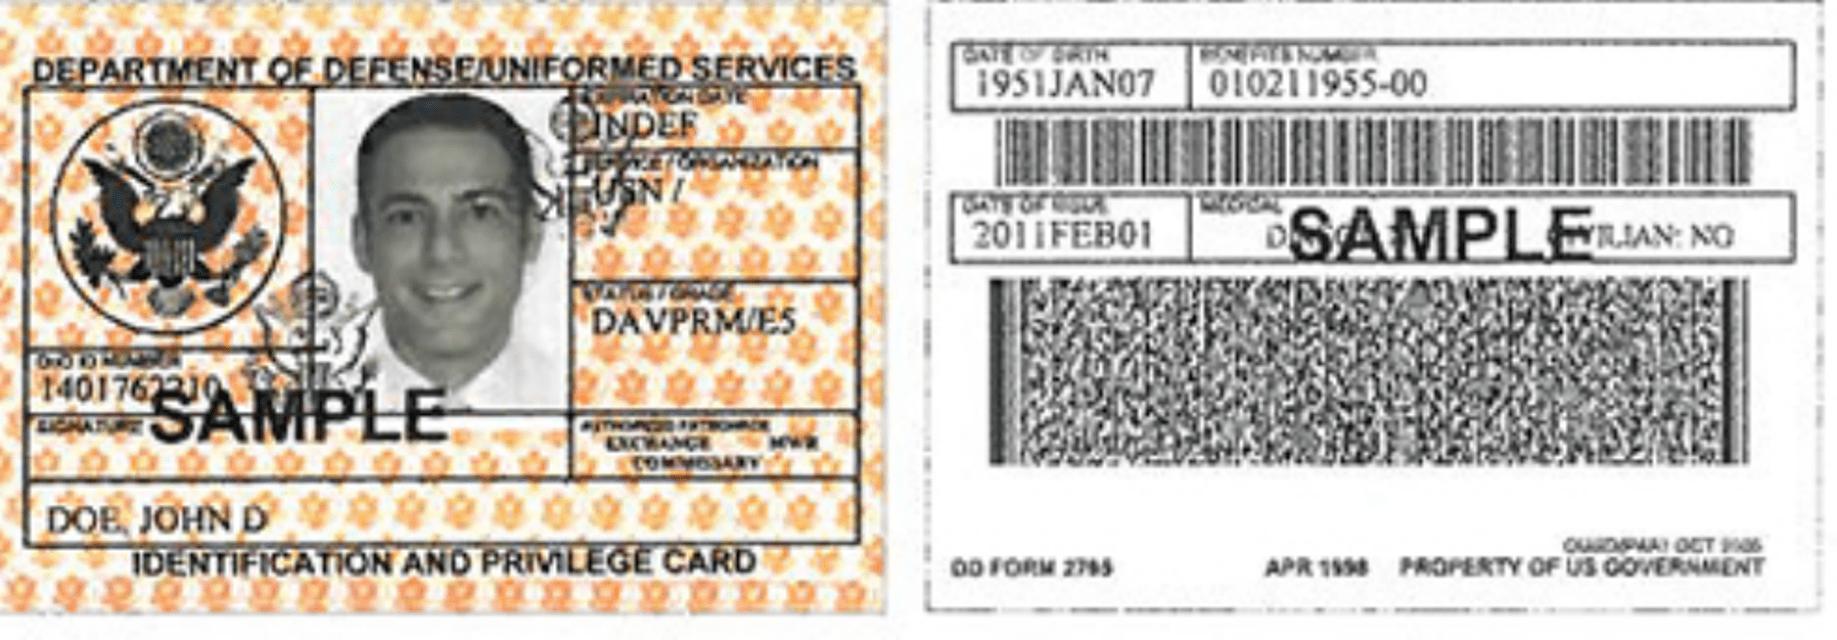 DD Form 2765 Printable Pdf